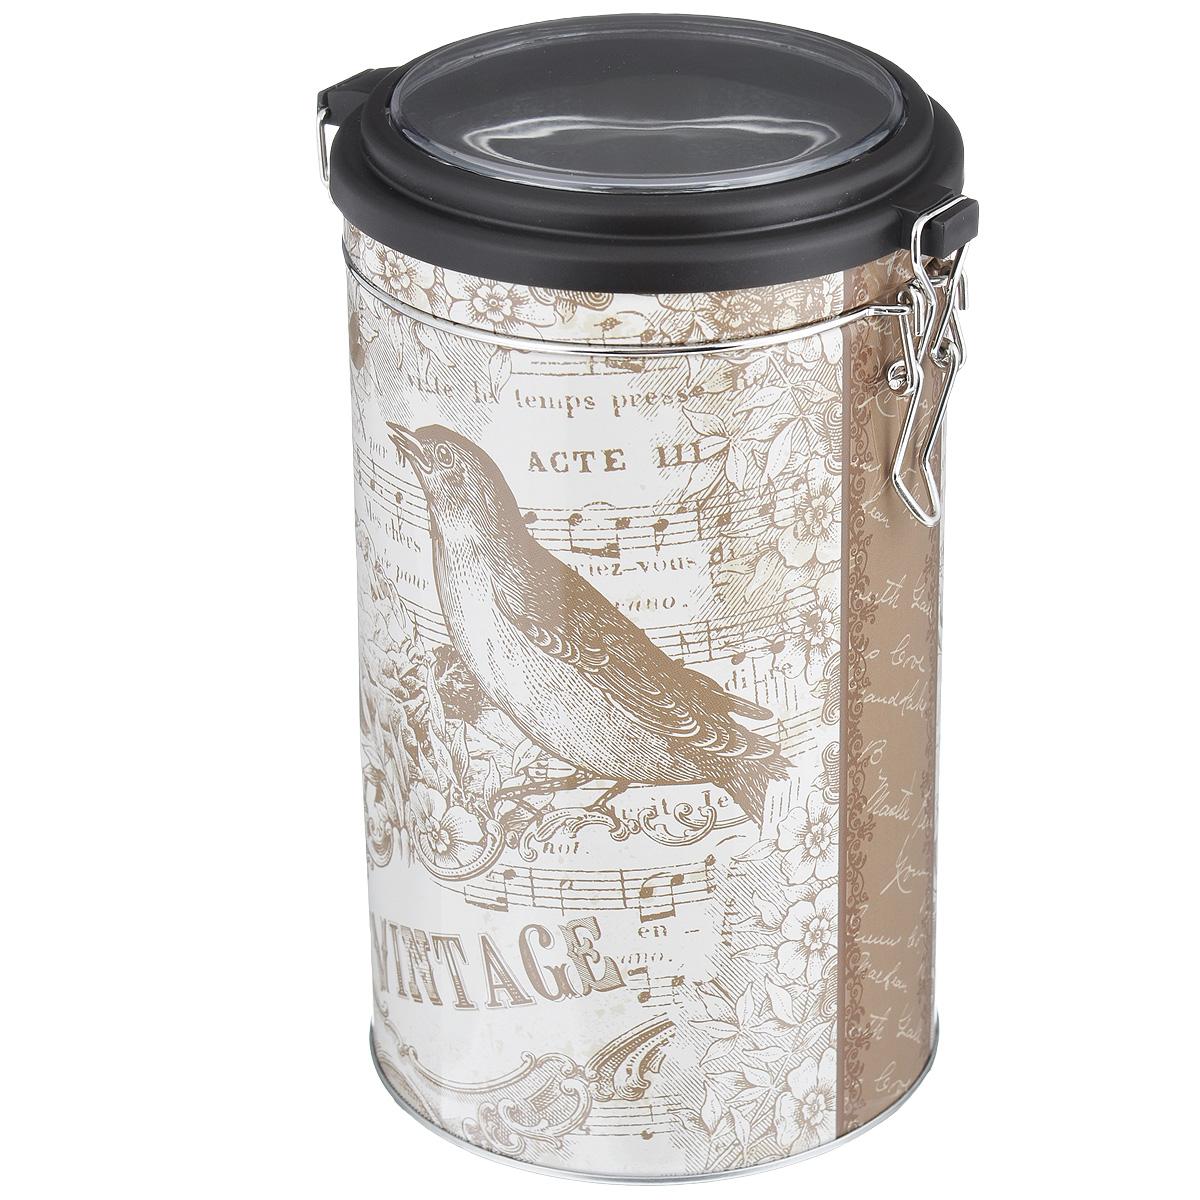 Банка для сыпучих продуктов Феникс-презент Птица, 1,5 лМ 2405Банка для сыпучих продуктов Феникс-презент Птица, изготовленная из окрашенного черного металла, оформлена ярким рисунком. Банка прекрасно подойдет для хранения различных сыпучих продуктов: специй, чая, кофе, сахара, круп и многого другого. Емкость плотно закрывается прозрачной пластиковой крышкой на металлический замок. Благодаря этому она будет дольше сохранять свежесть ваших продуктов.Функциональная и вместительная, такая банка станет незаменимым аксессуаром на любой кухне. Нельзя мыть в посудомоечной машине.Объем банки: 1,5 л.Высота банки (без учета крышки): 17,4 см. Диаметр банки (по верхнему краю): 10,5 см.